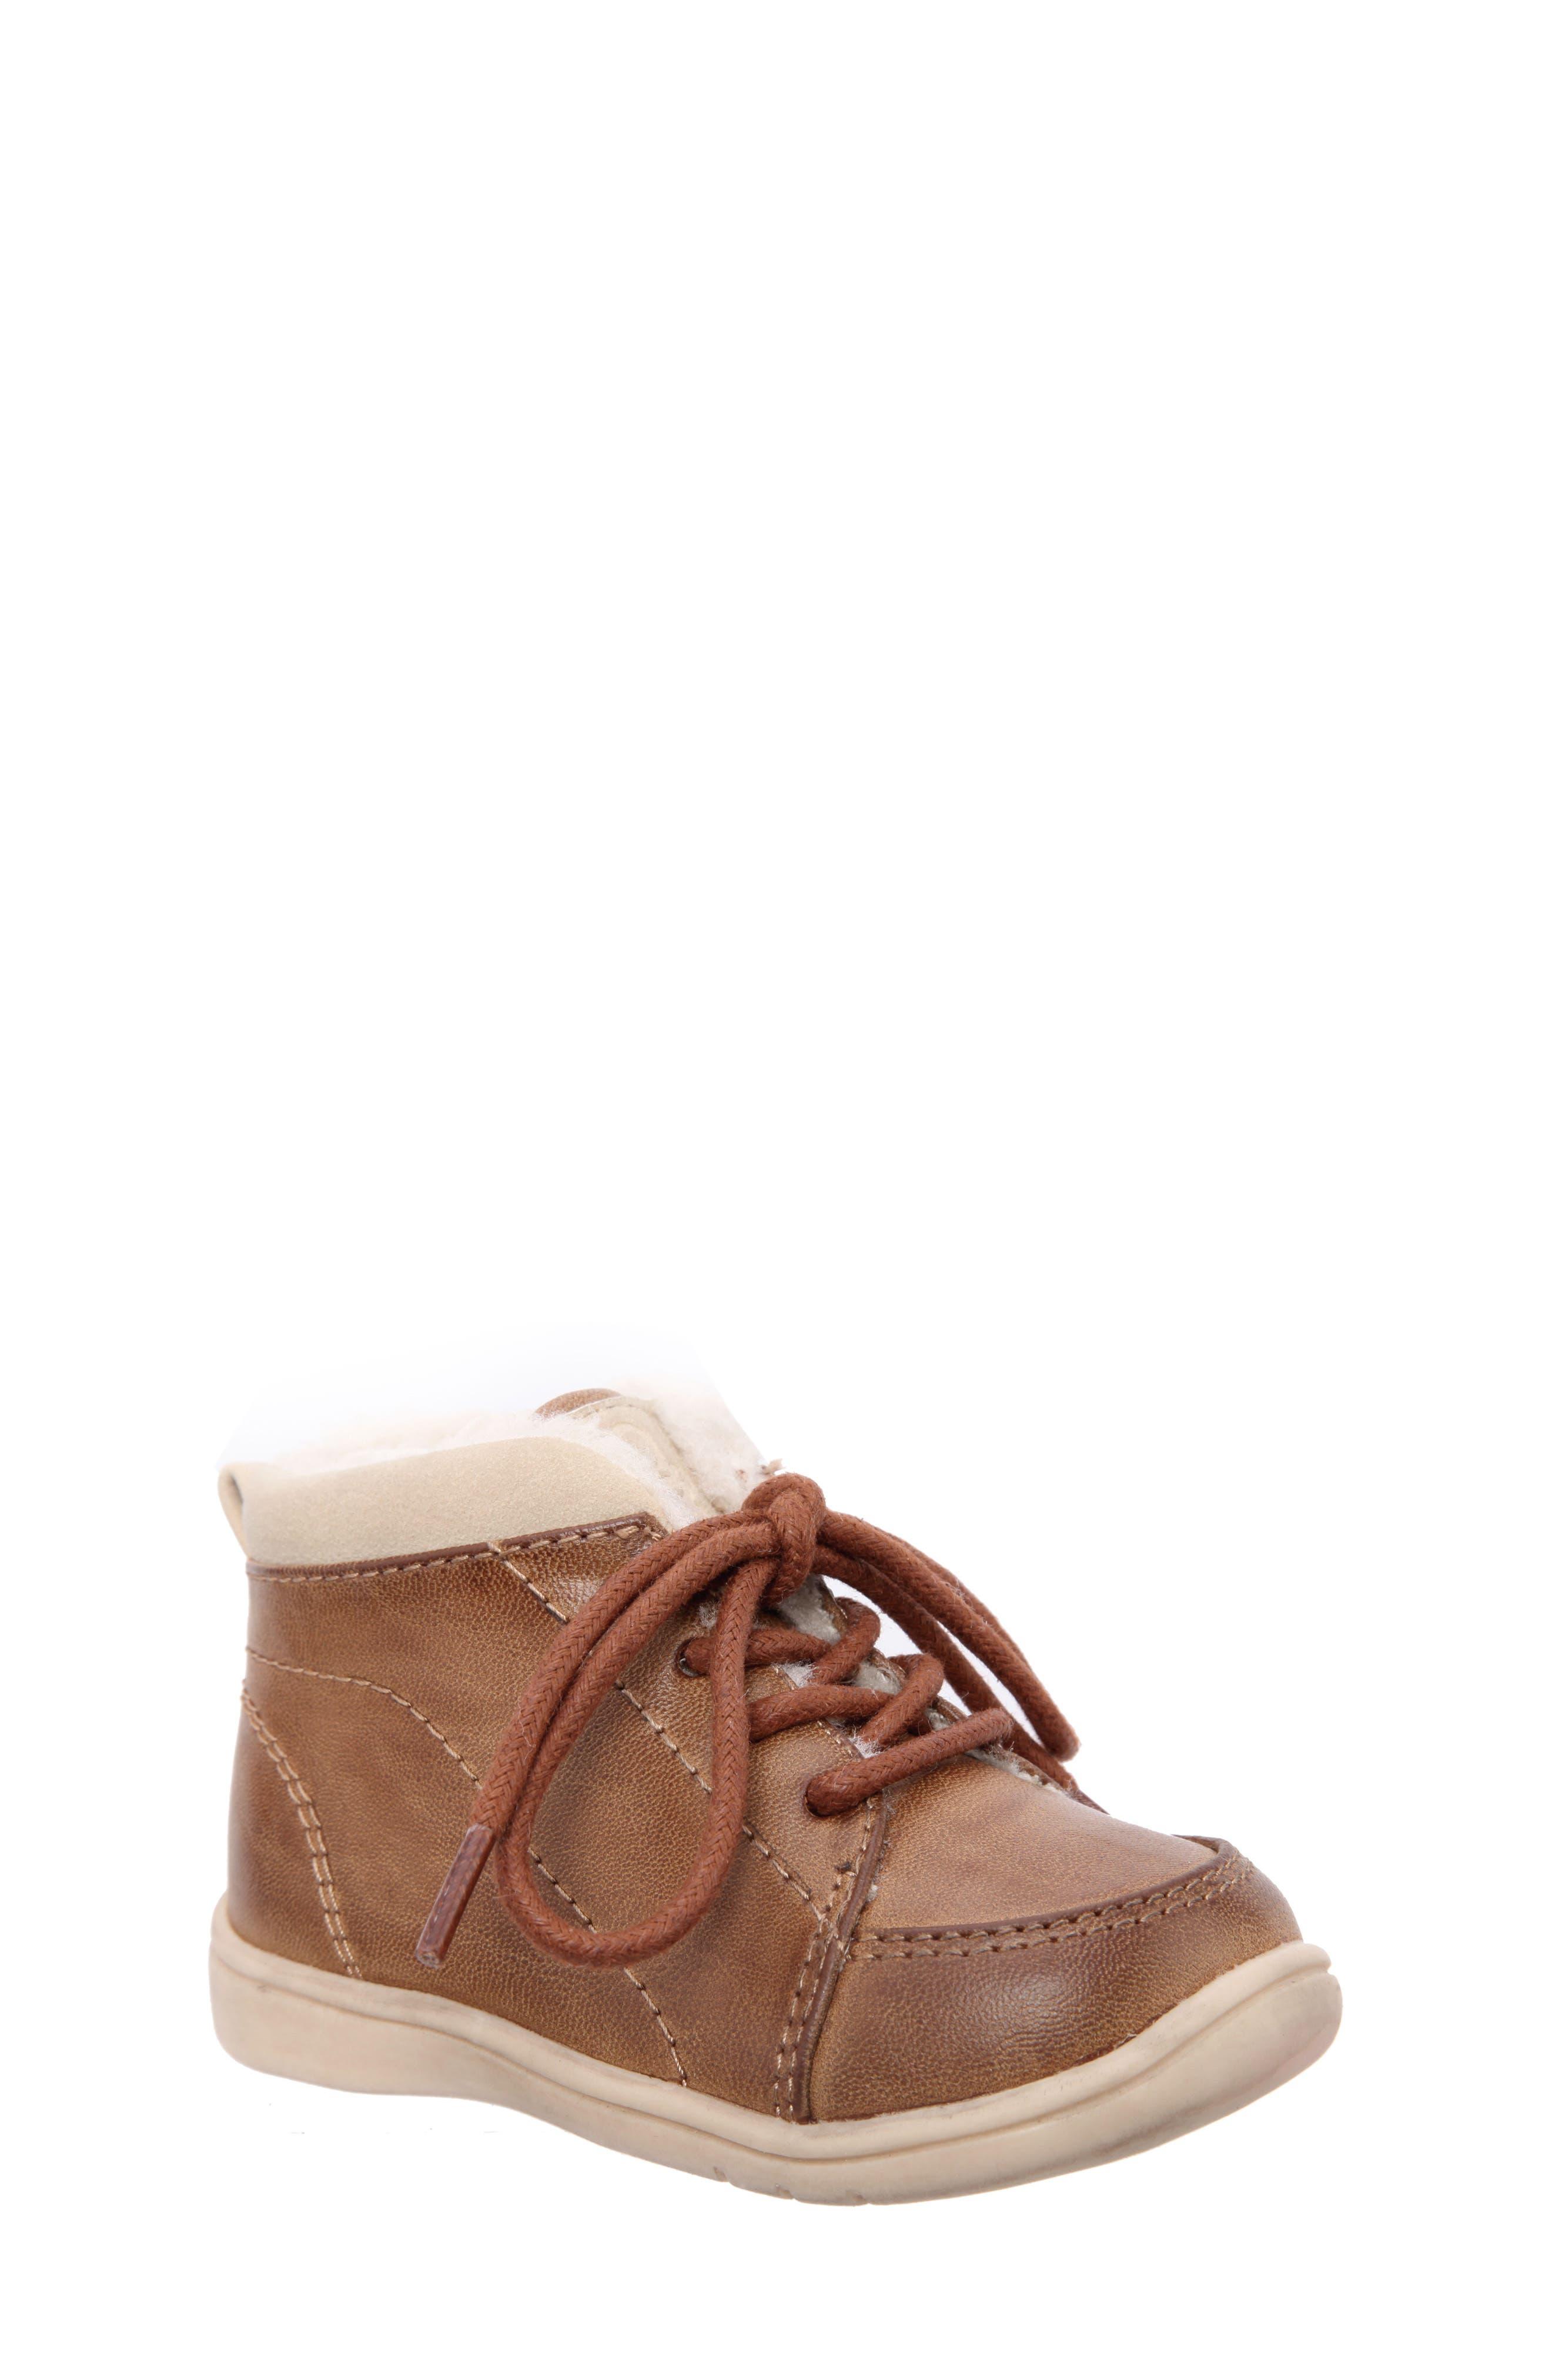 Nina Mobility Moe Sneaker,                         Main,                         color, Brown Burnish